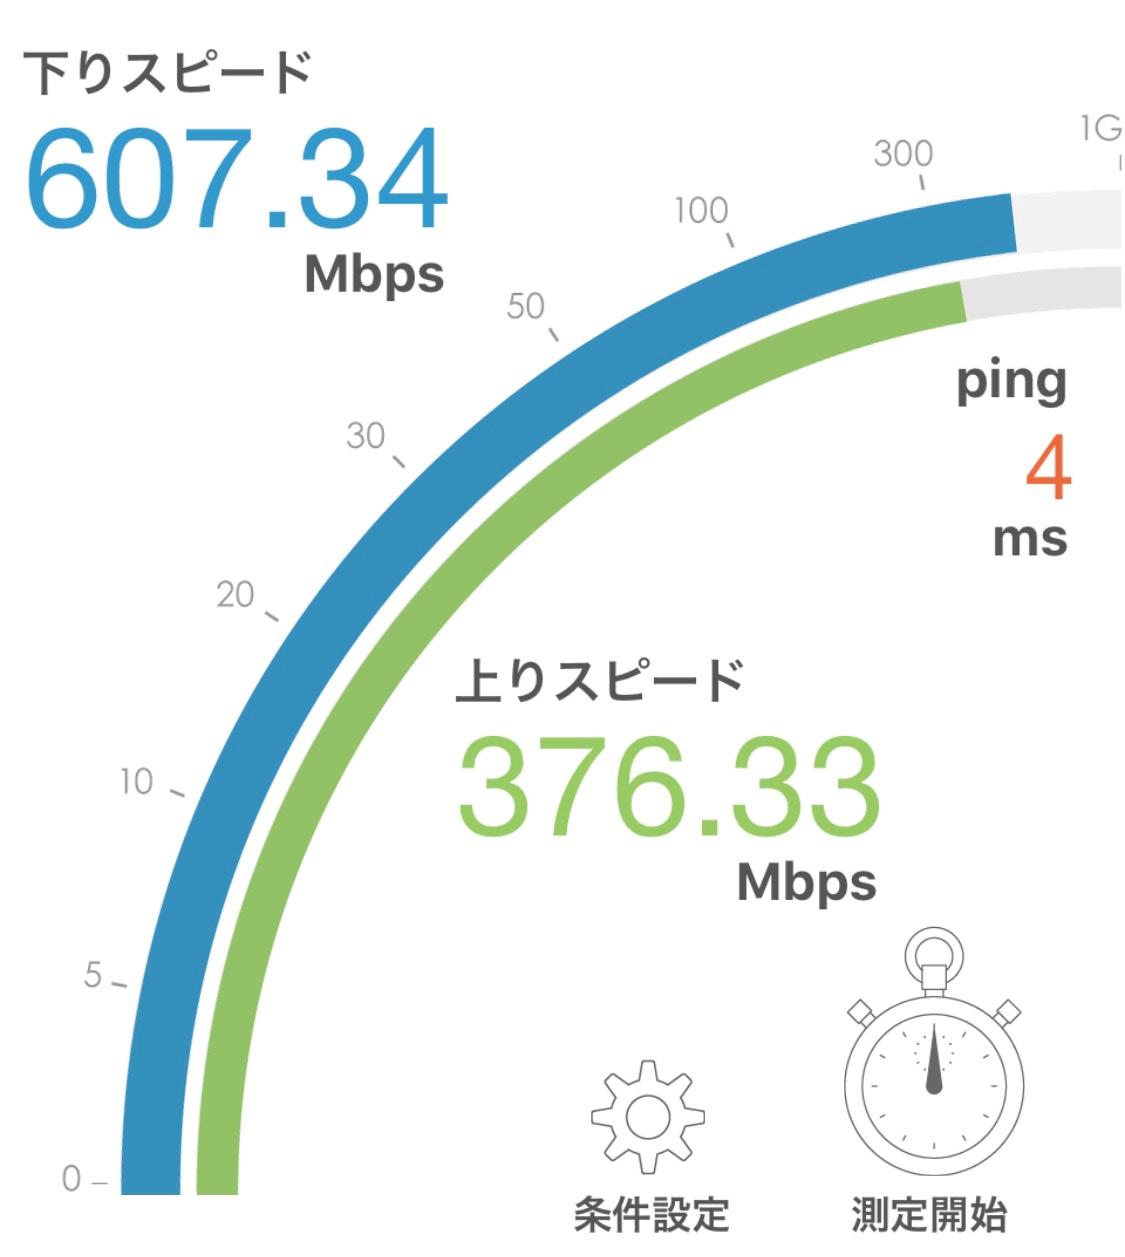 ニューロ光 Wi-Fi実測 2020年1月 計測結果